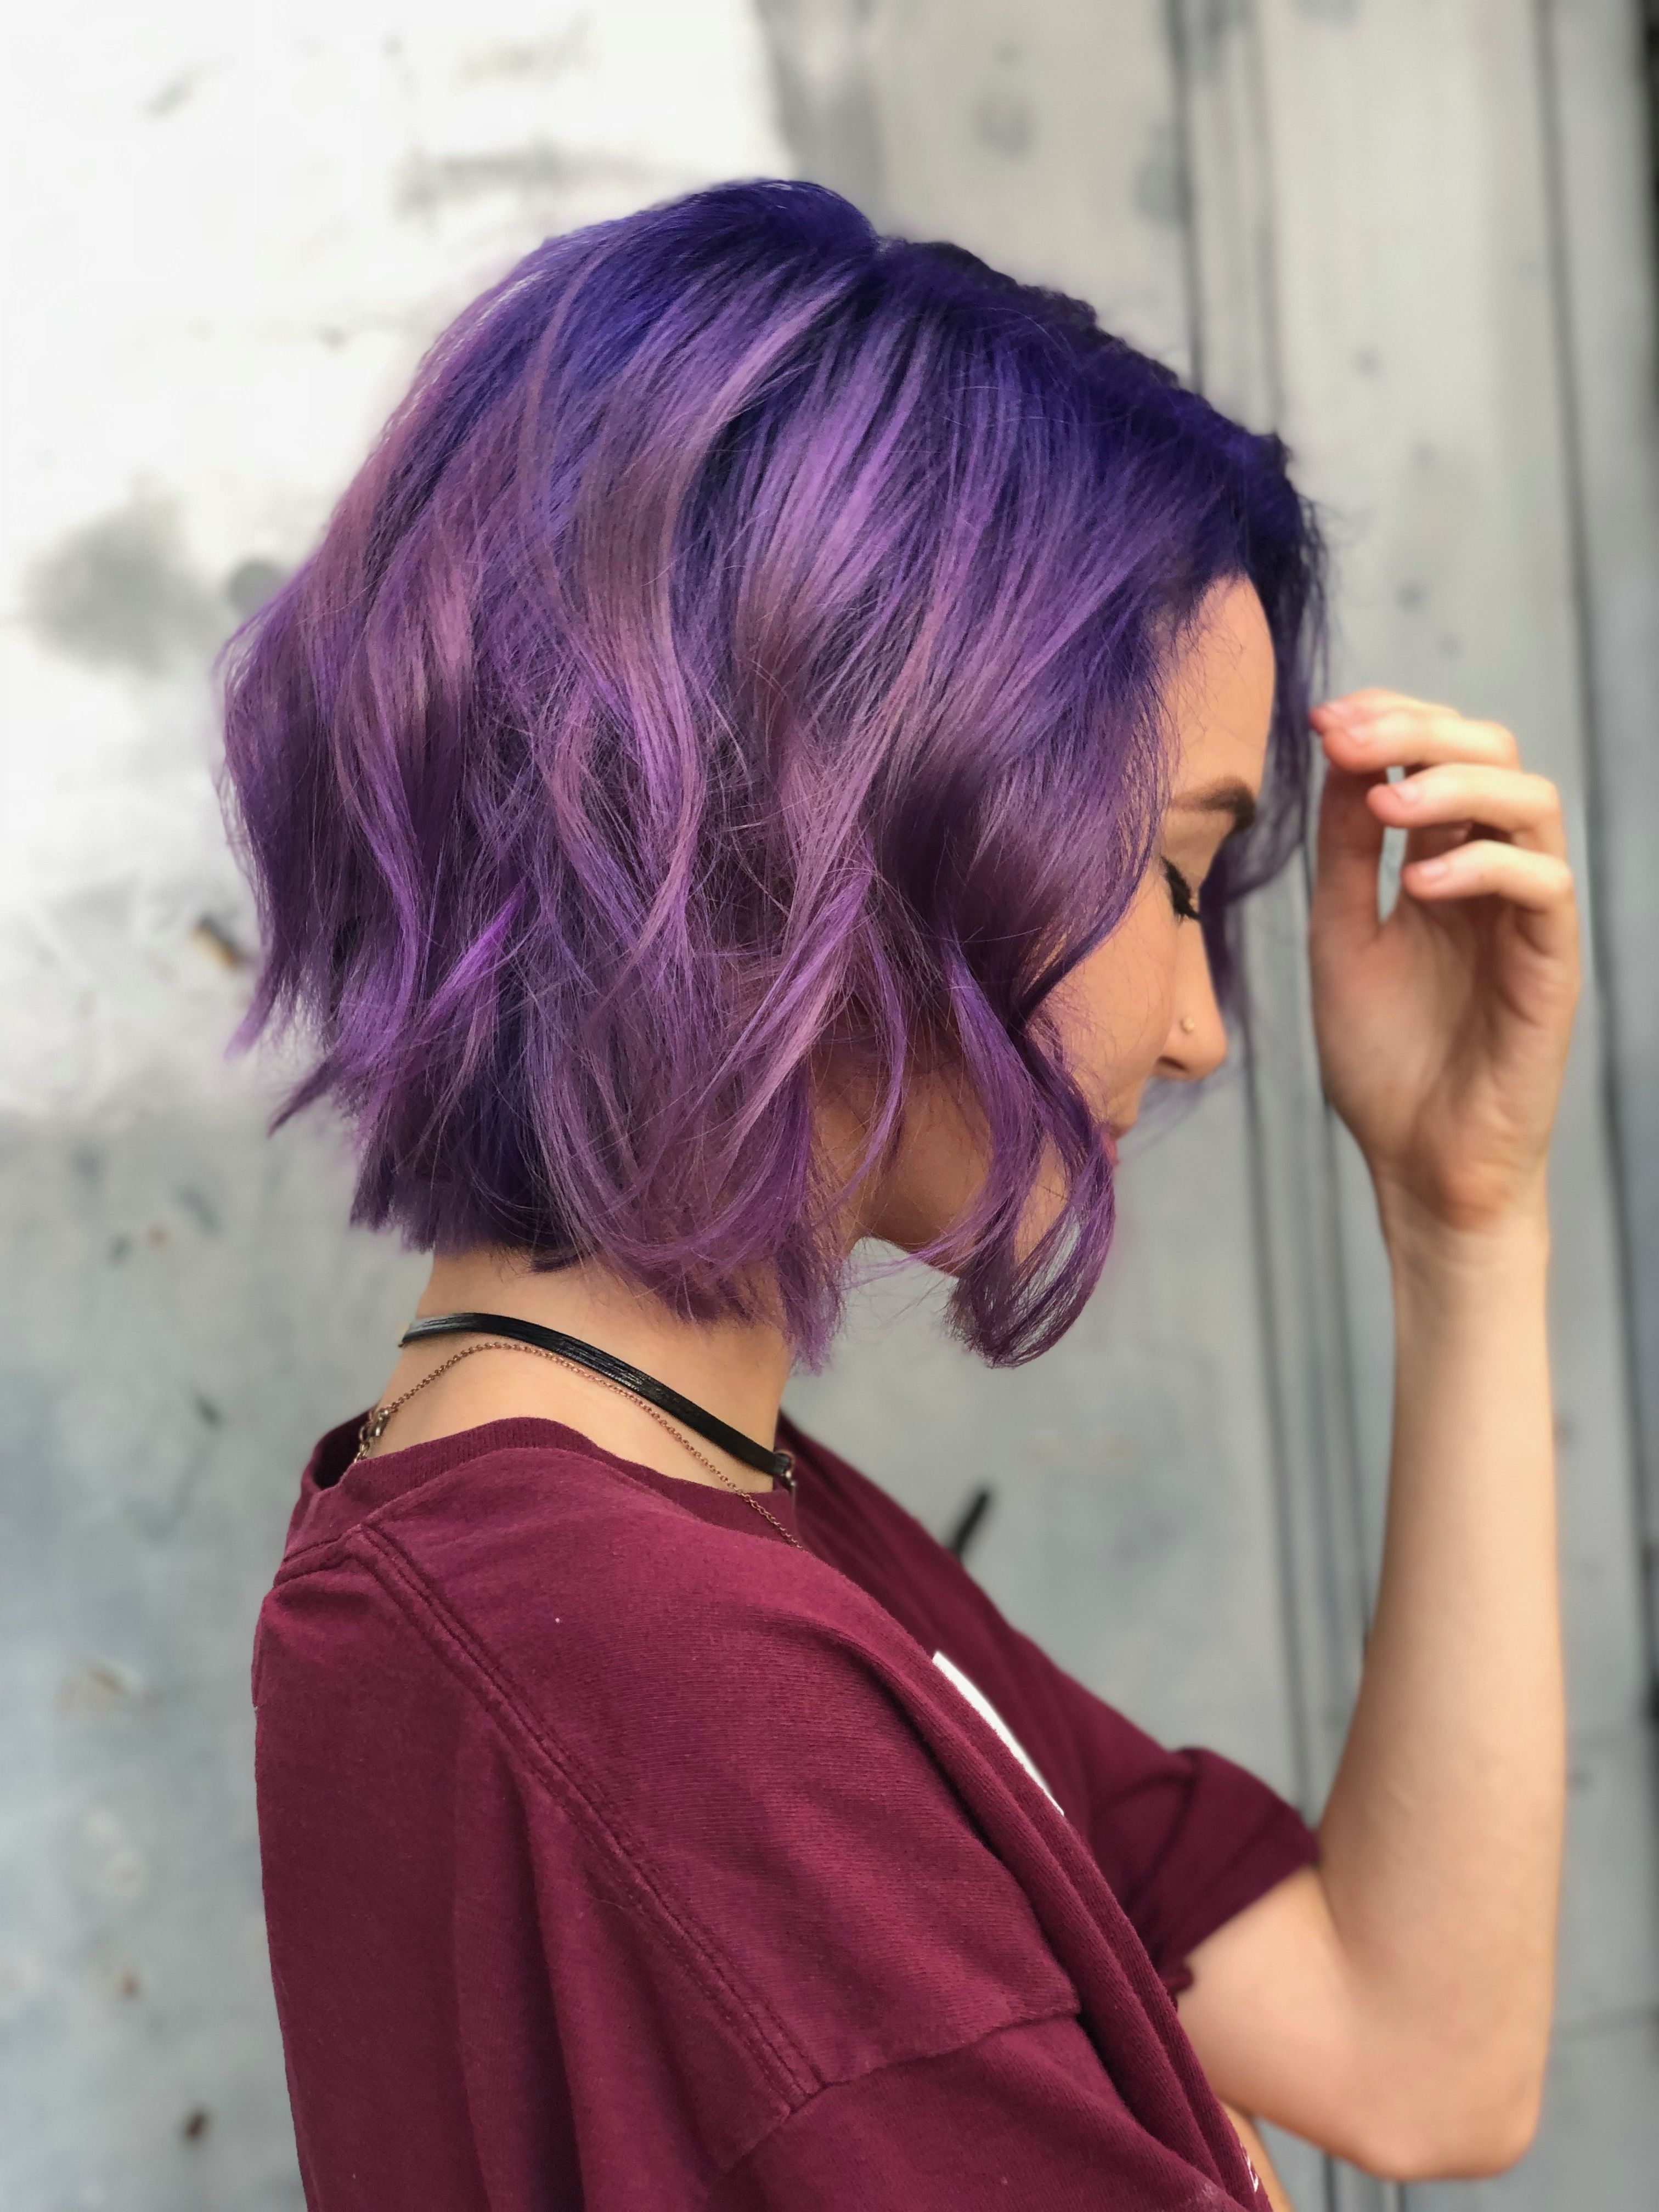 Short Purple Hair Haircut Waves Curly Hair Purple Ombre Hair Short Purple Hair Short Dyed Hair